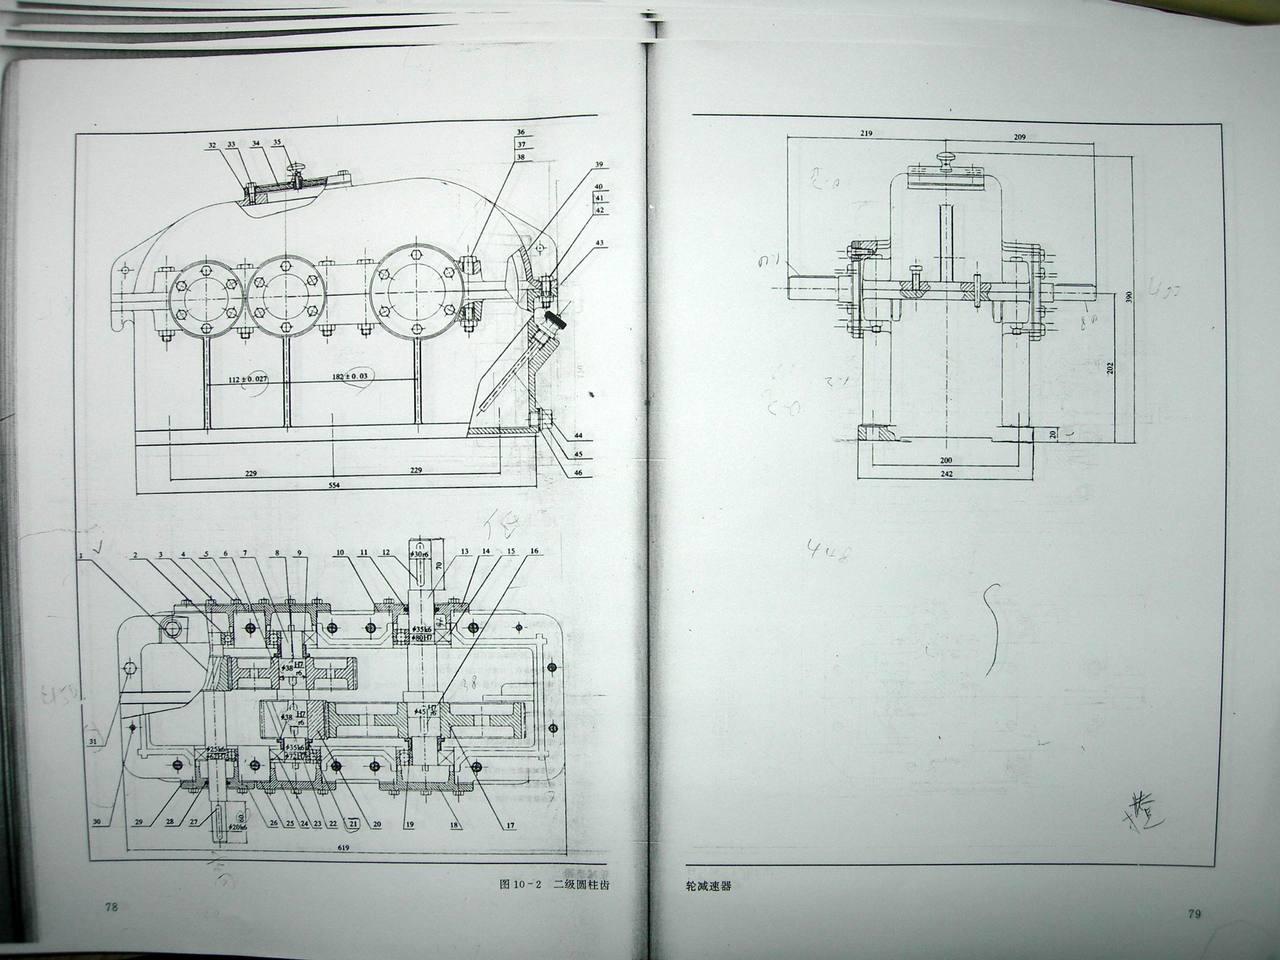 求两级圆柱齿轮减速器装配图,最好含技术要求和那表格